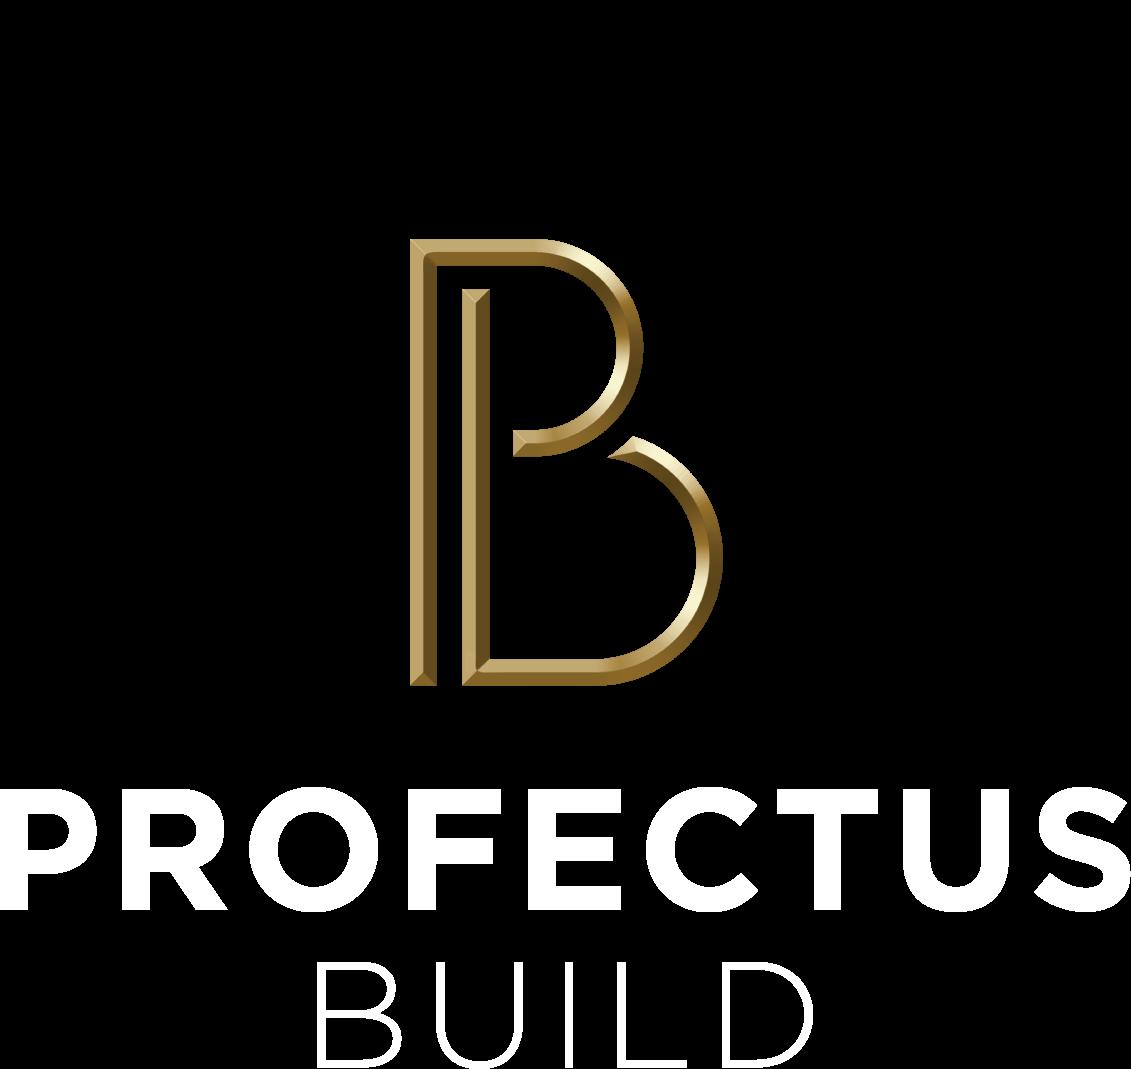 Profectus Build